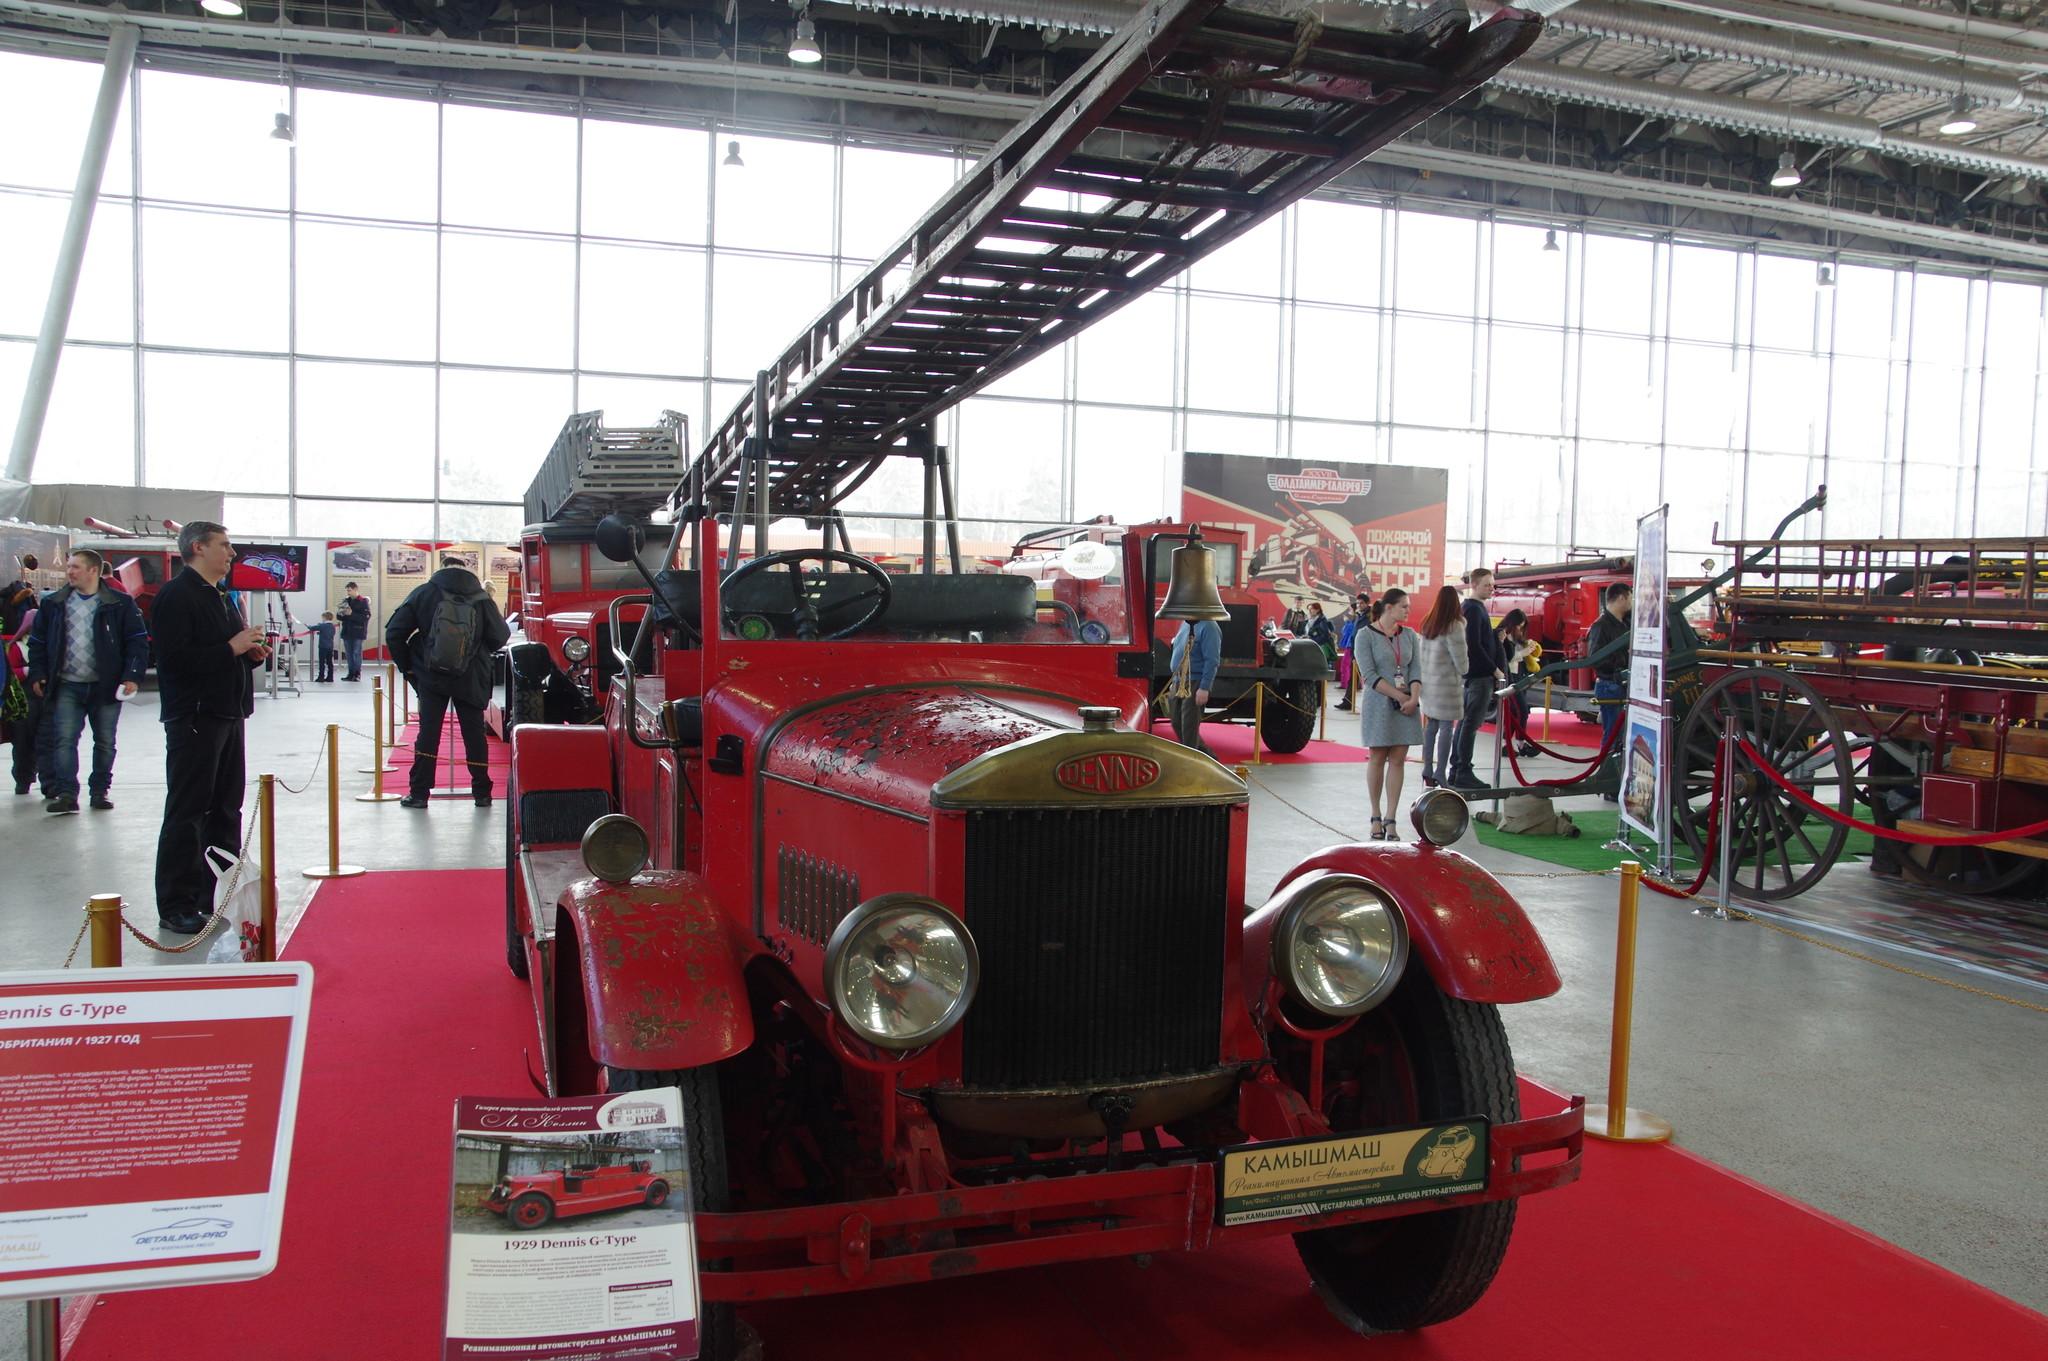 Пожарная машина Dennis G-Type (Великобритания, 1927 г.)